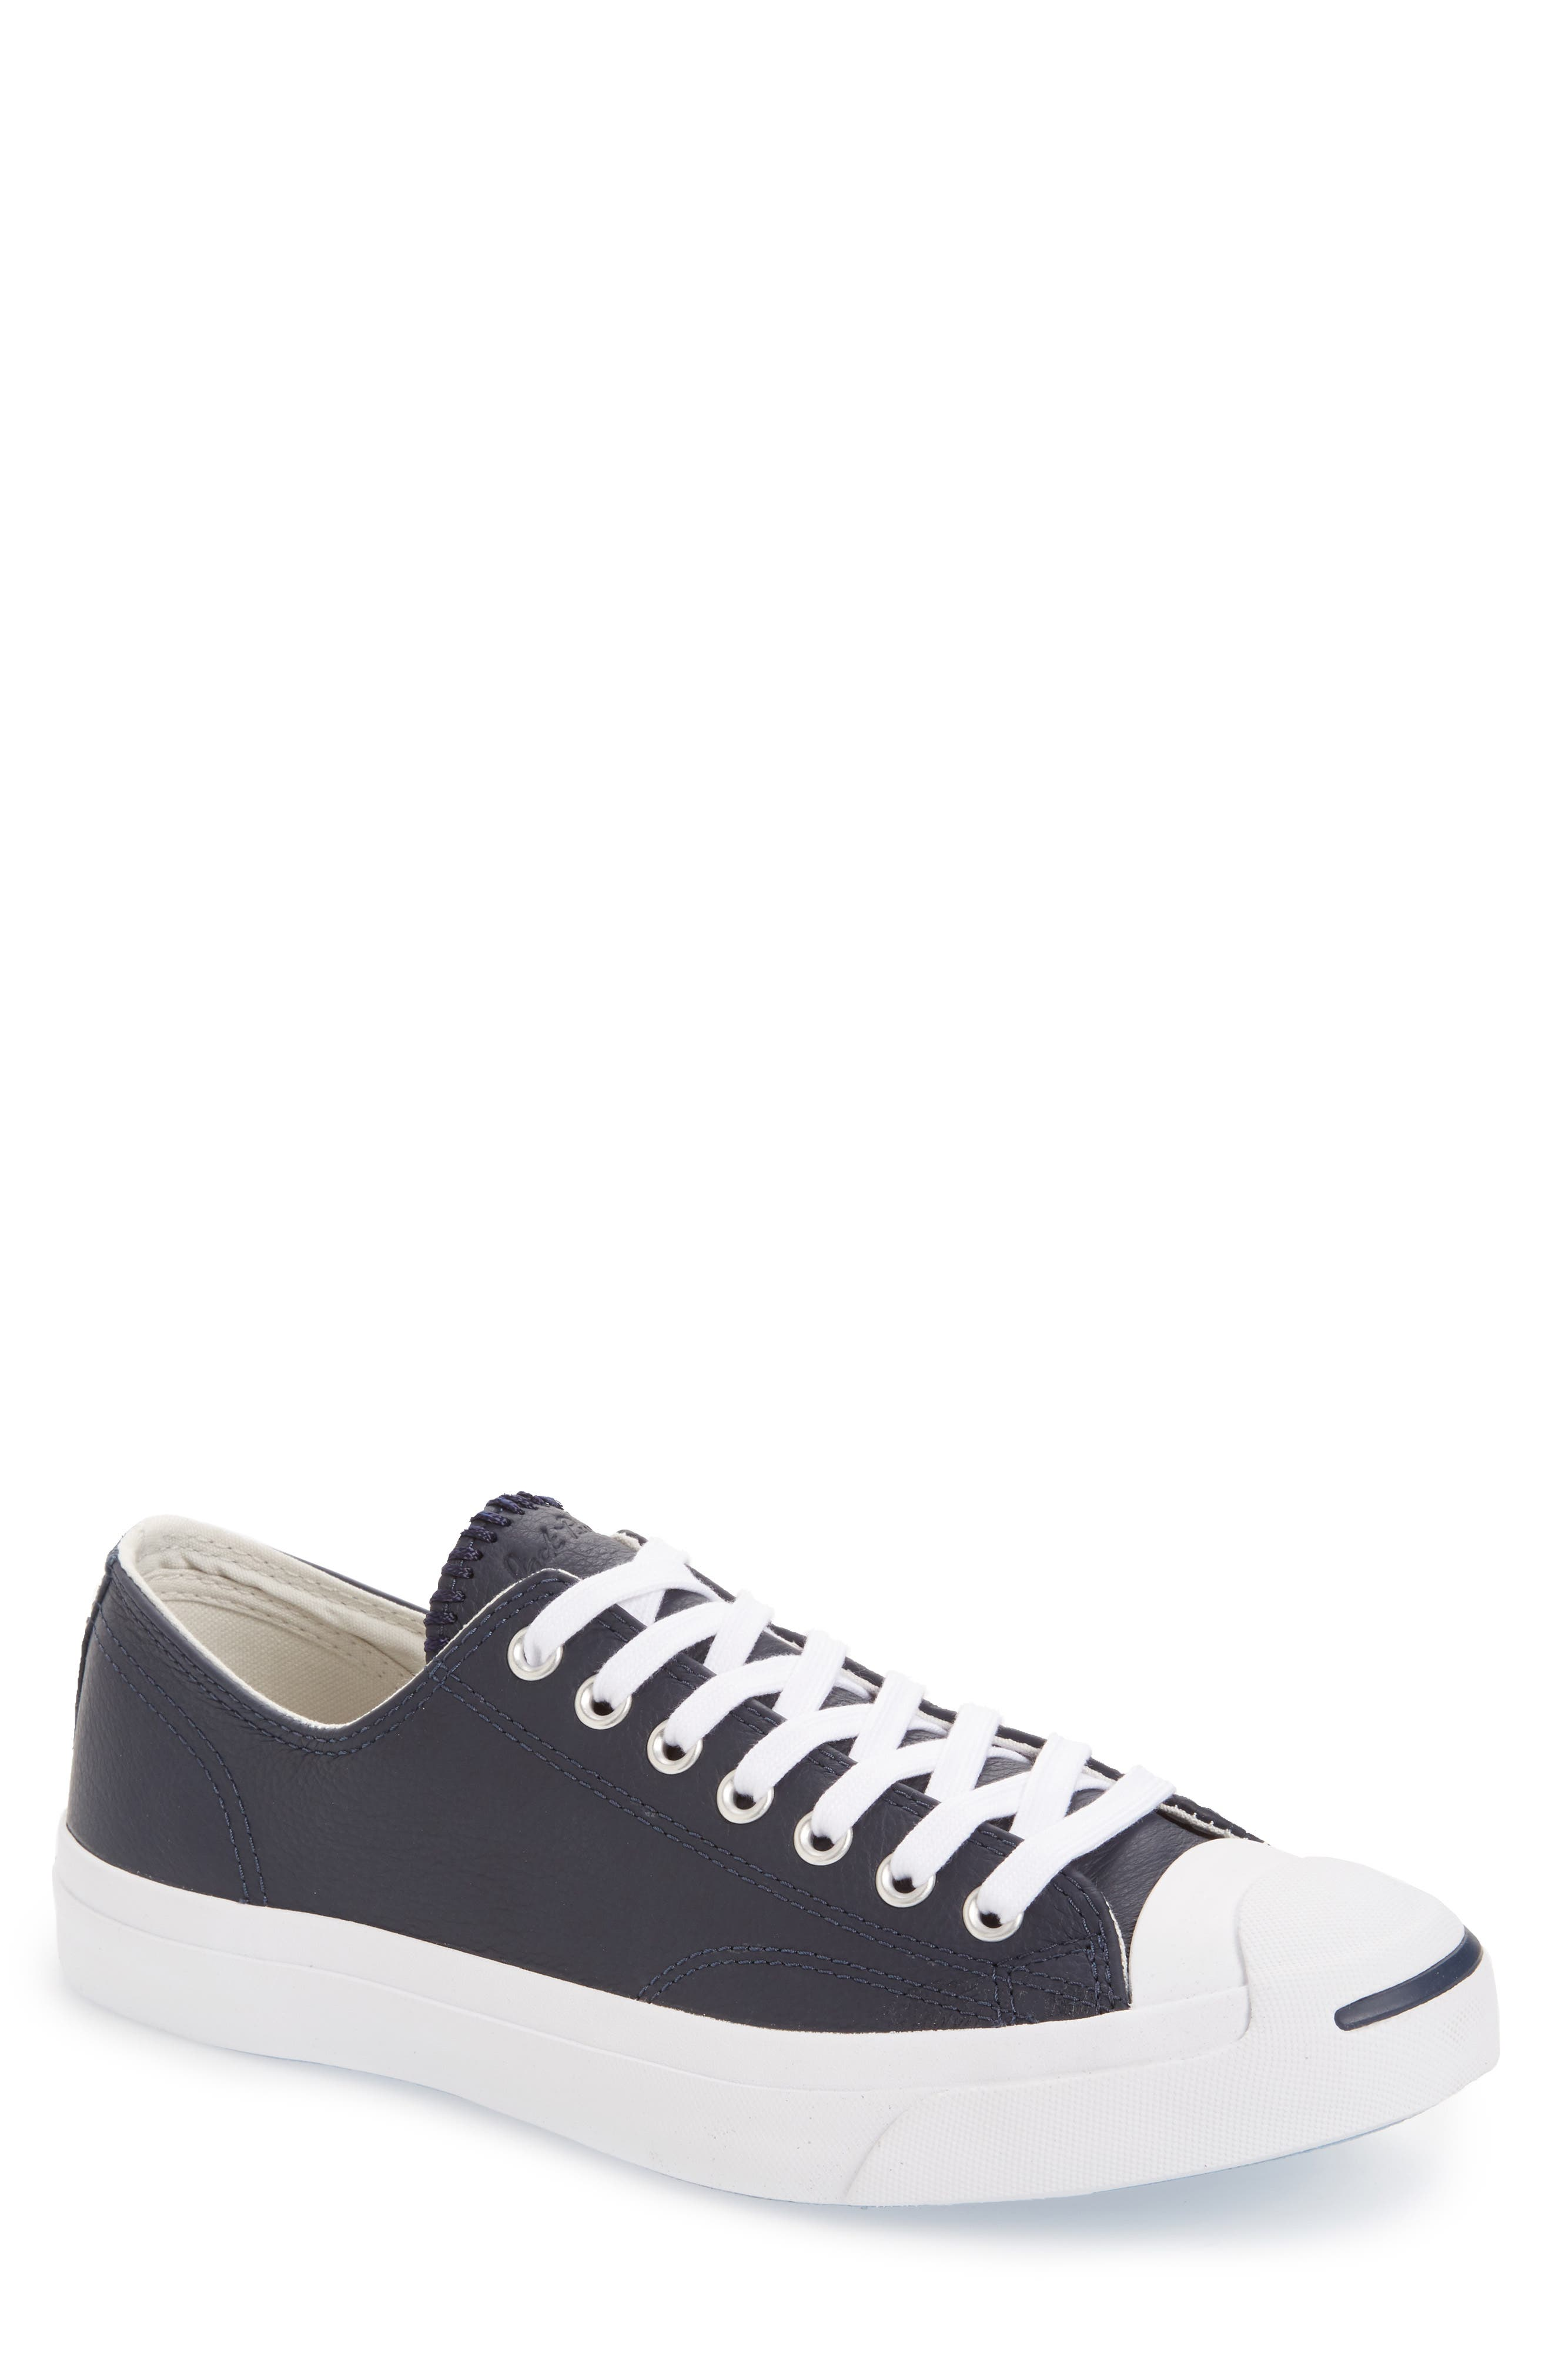 Main Image - Converse 'JP Jack' Sneaker (Men)